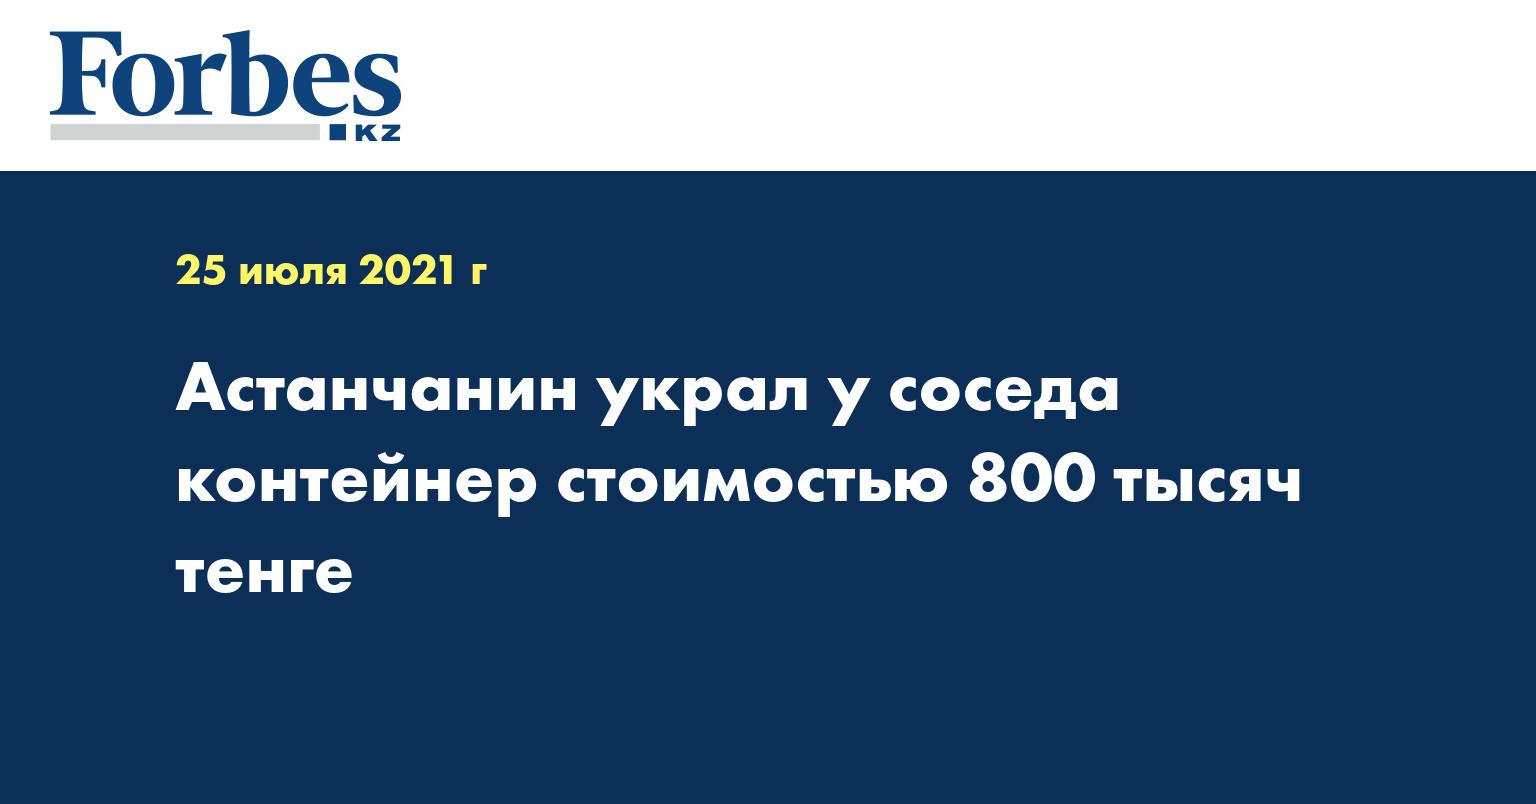 Астанчанин украл у соседа контейнер стоимостью 800 тысяч тенге